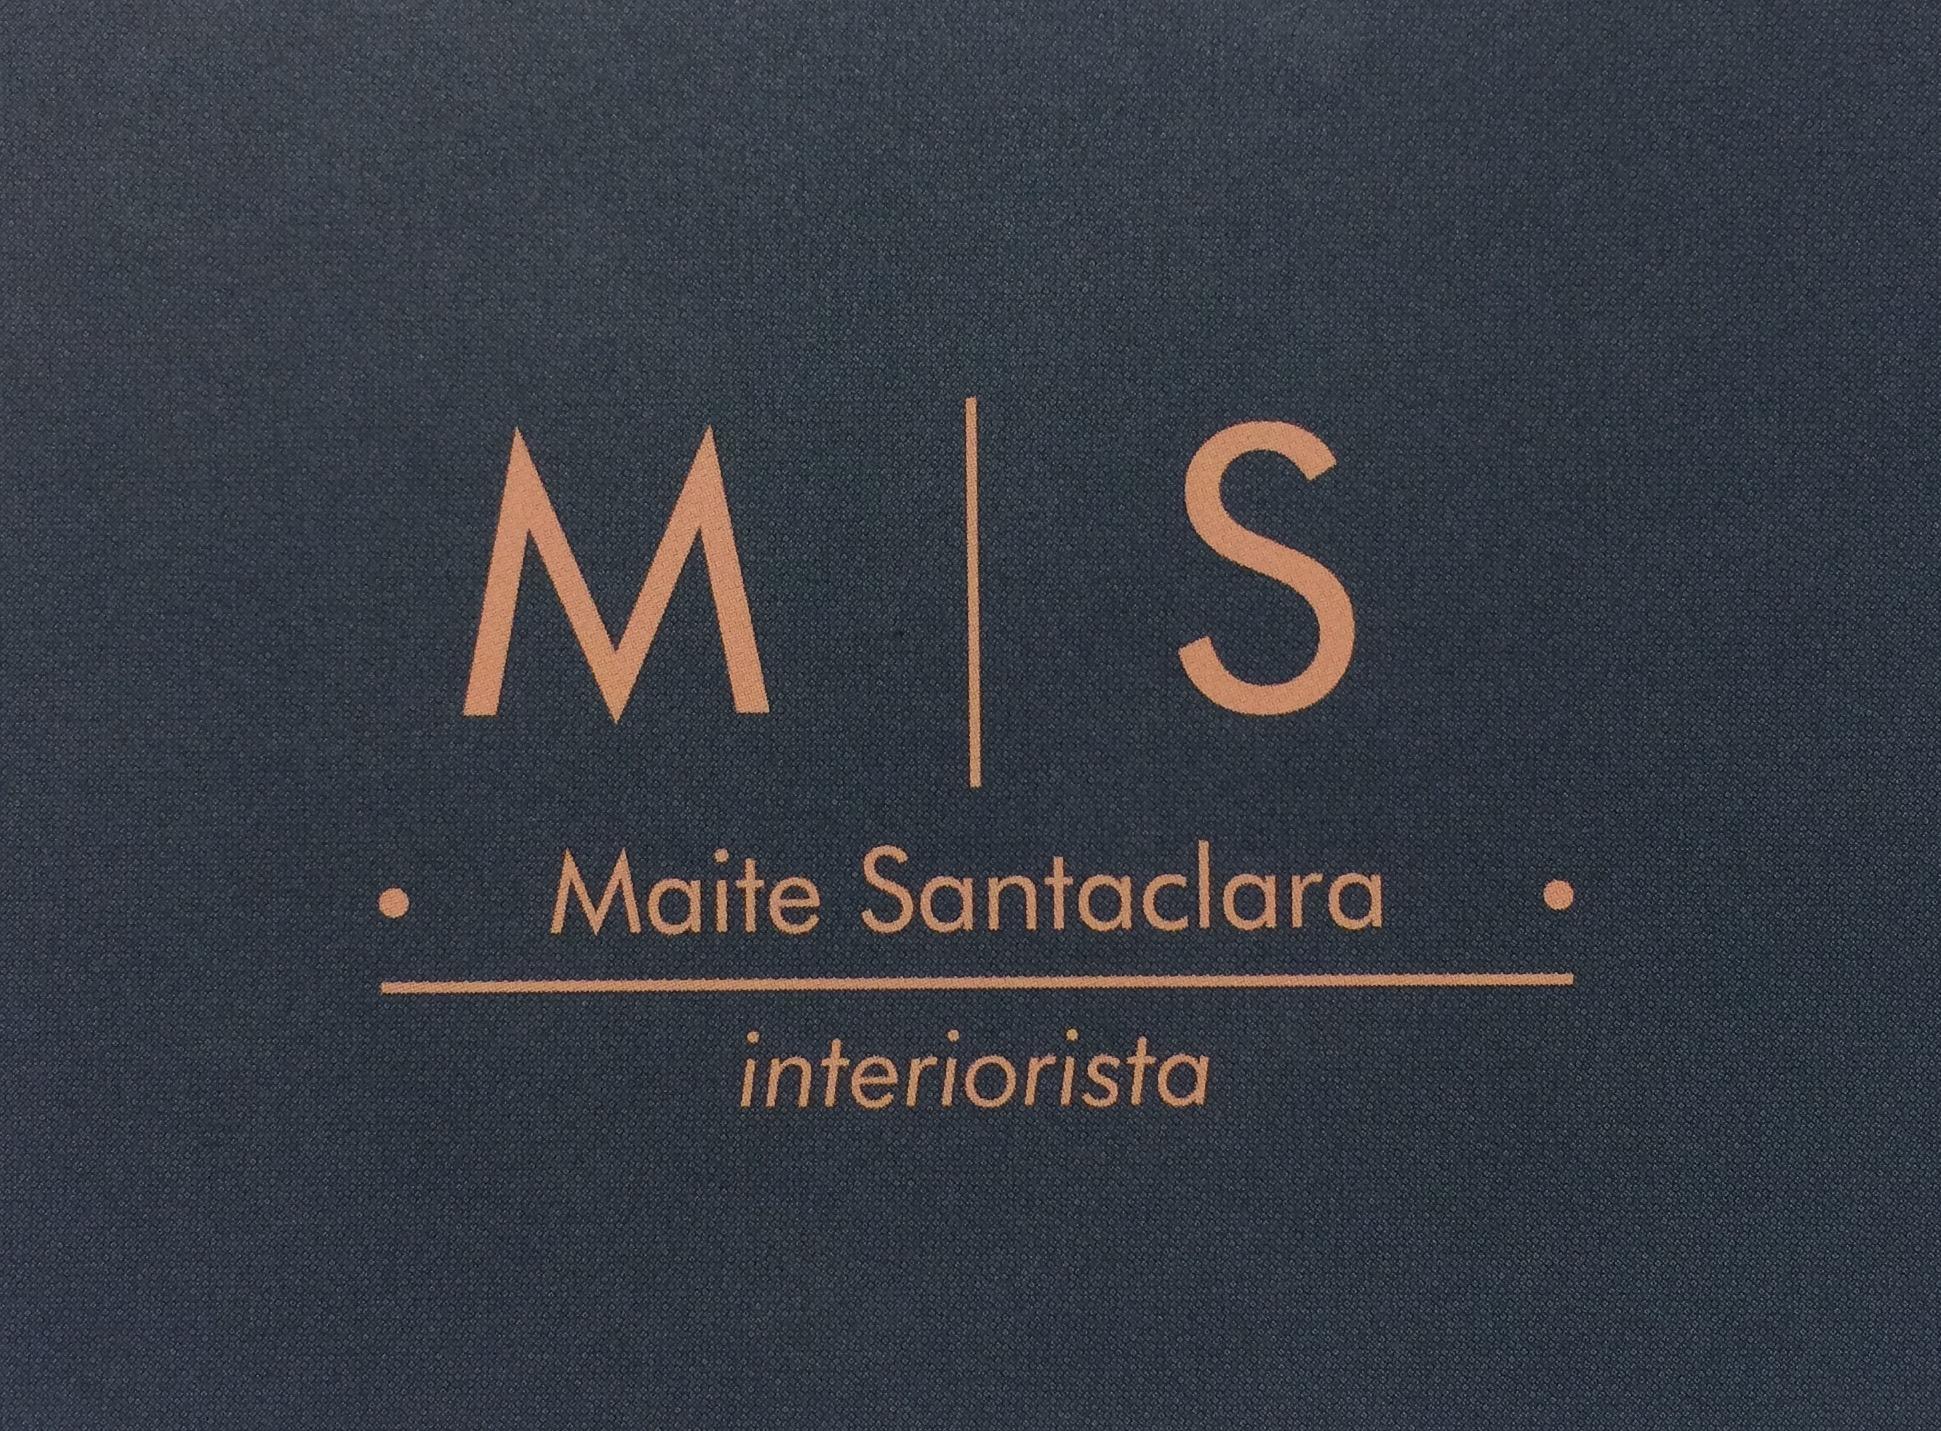 Int. Maitesantaclara